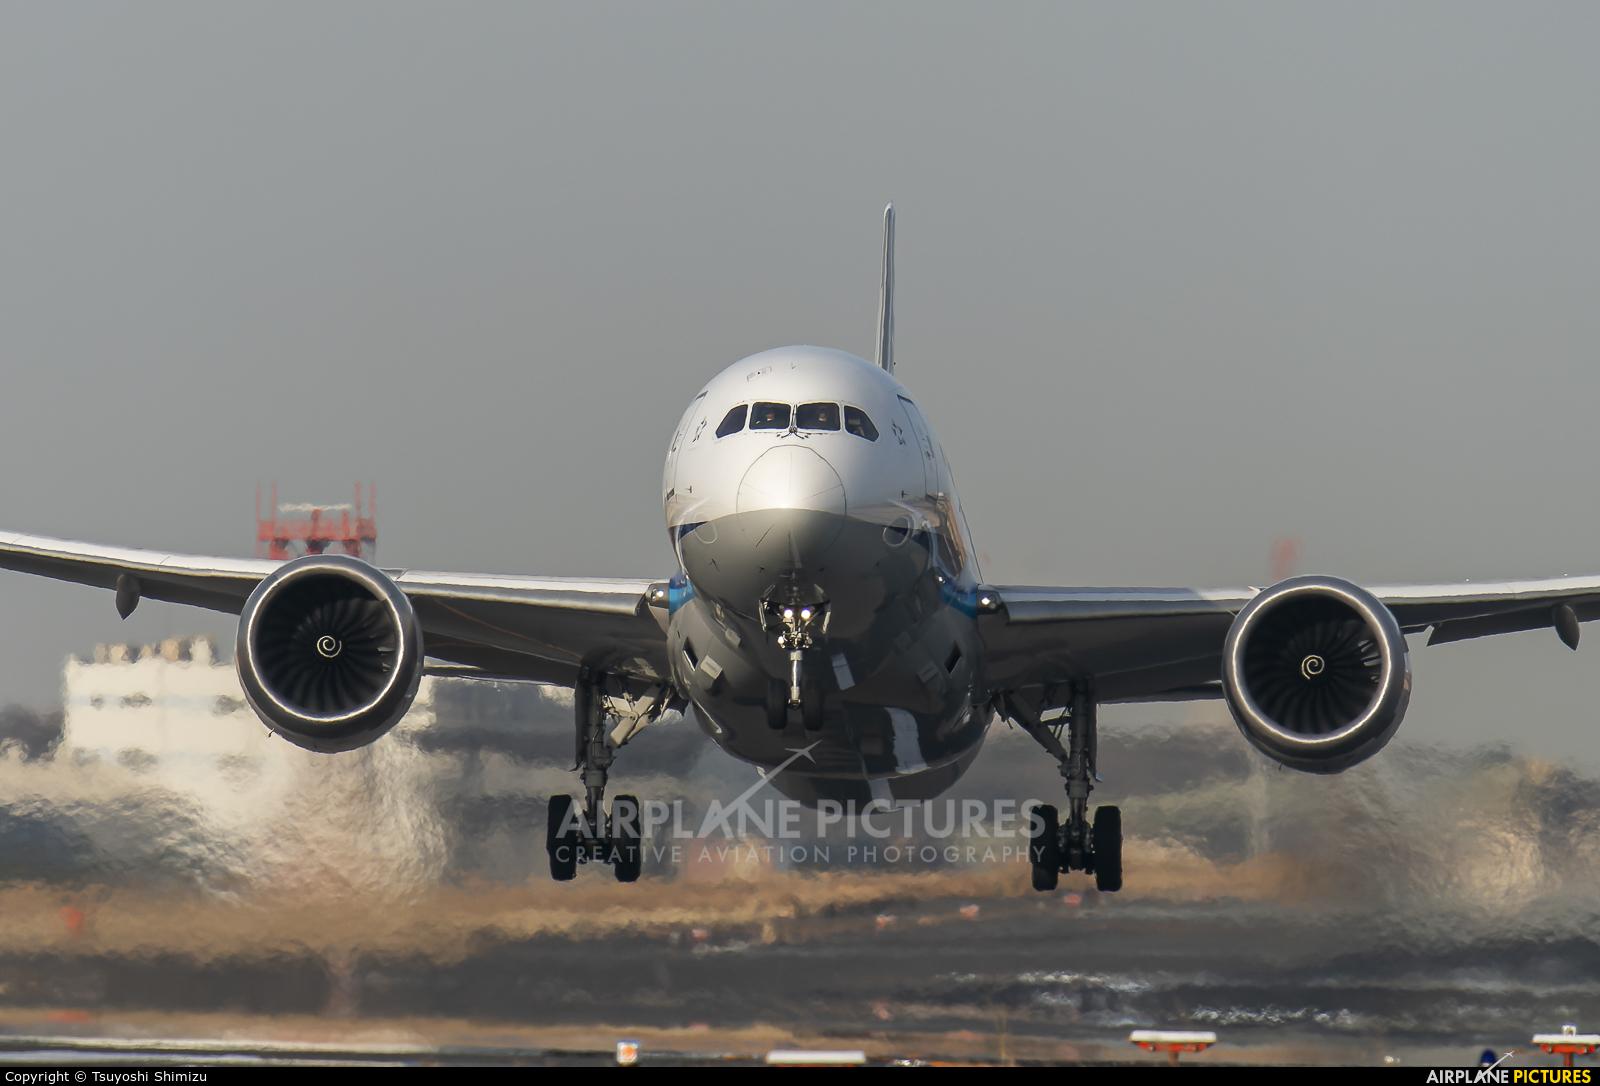 ANA - All Nippon Airways JA803A aircraft at Tokyo - Haneda Intl